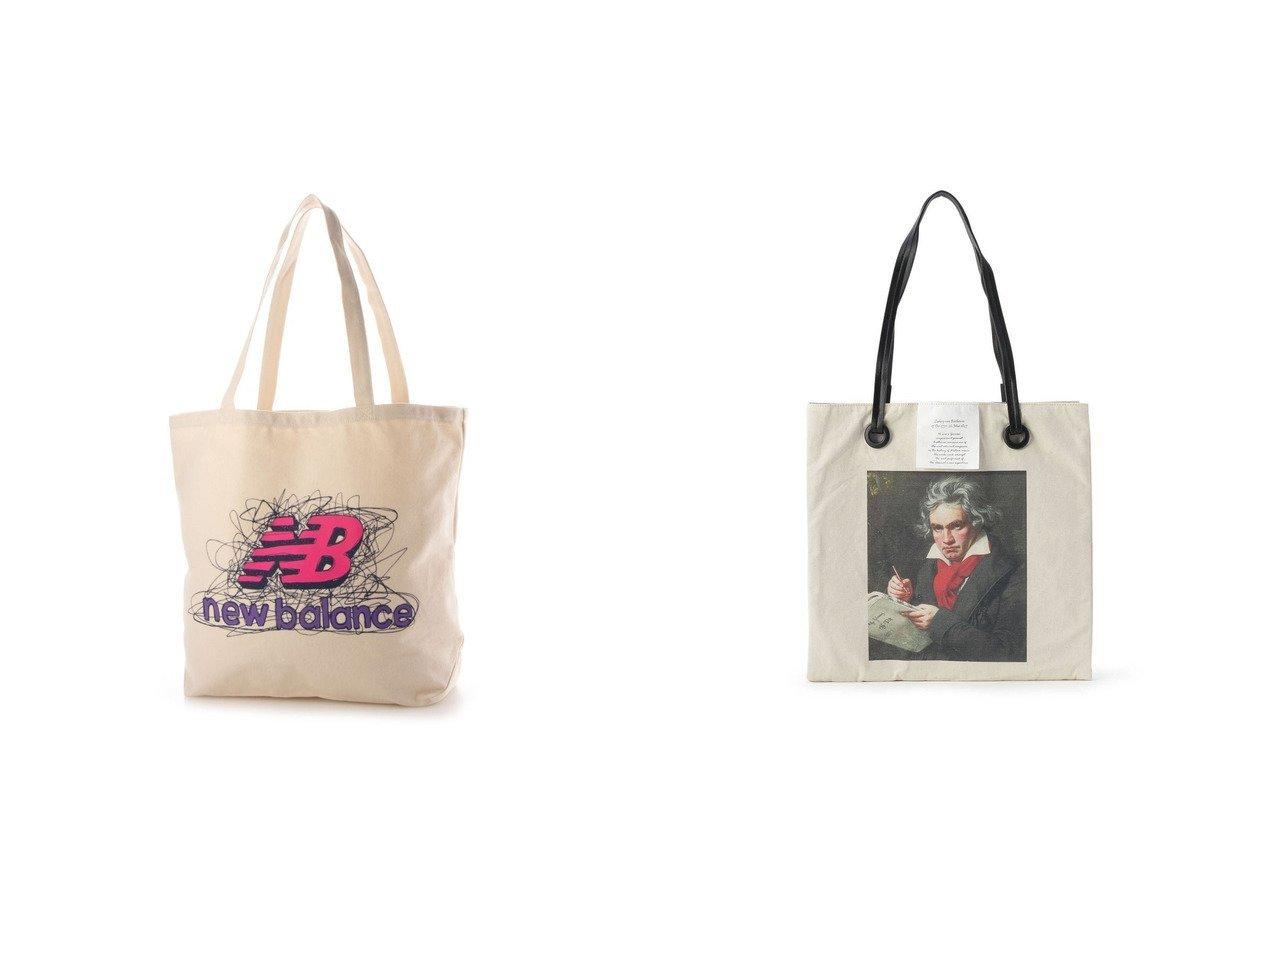 【OberTashe/オーバータッシェ】のIJIN3ROOMトート&【new balance/ニューバランス】のトートバッグ キャンバストートバック_ JABL1716 【バッグ・鞄】おすすめ!人気、トレンド・レディースファッションの通販 おすすめで人気の流行・トレンド、ファッションの通販商品 インテリア・家具・メンズファッション・キッズファッション・レディースファッション・服の通販 founy(ファニー) https://founy.com/ ファッション Fashion レディースファッション WOMEN バッグ Bag 2021年 2021 2021-2022秋冬・A/W AW・Autumn/Winter・FW・Fall-Winter・2021-2022 A/W・秋冬 AW・Autumn/Winter・FW・Fall-Winter バランス ポケット 財布 フェイクレザー プリント  ID:crp329100000067321